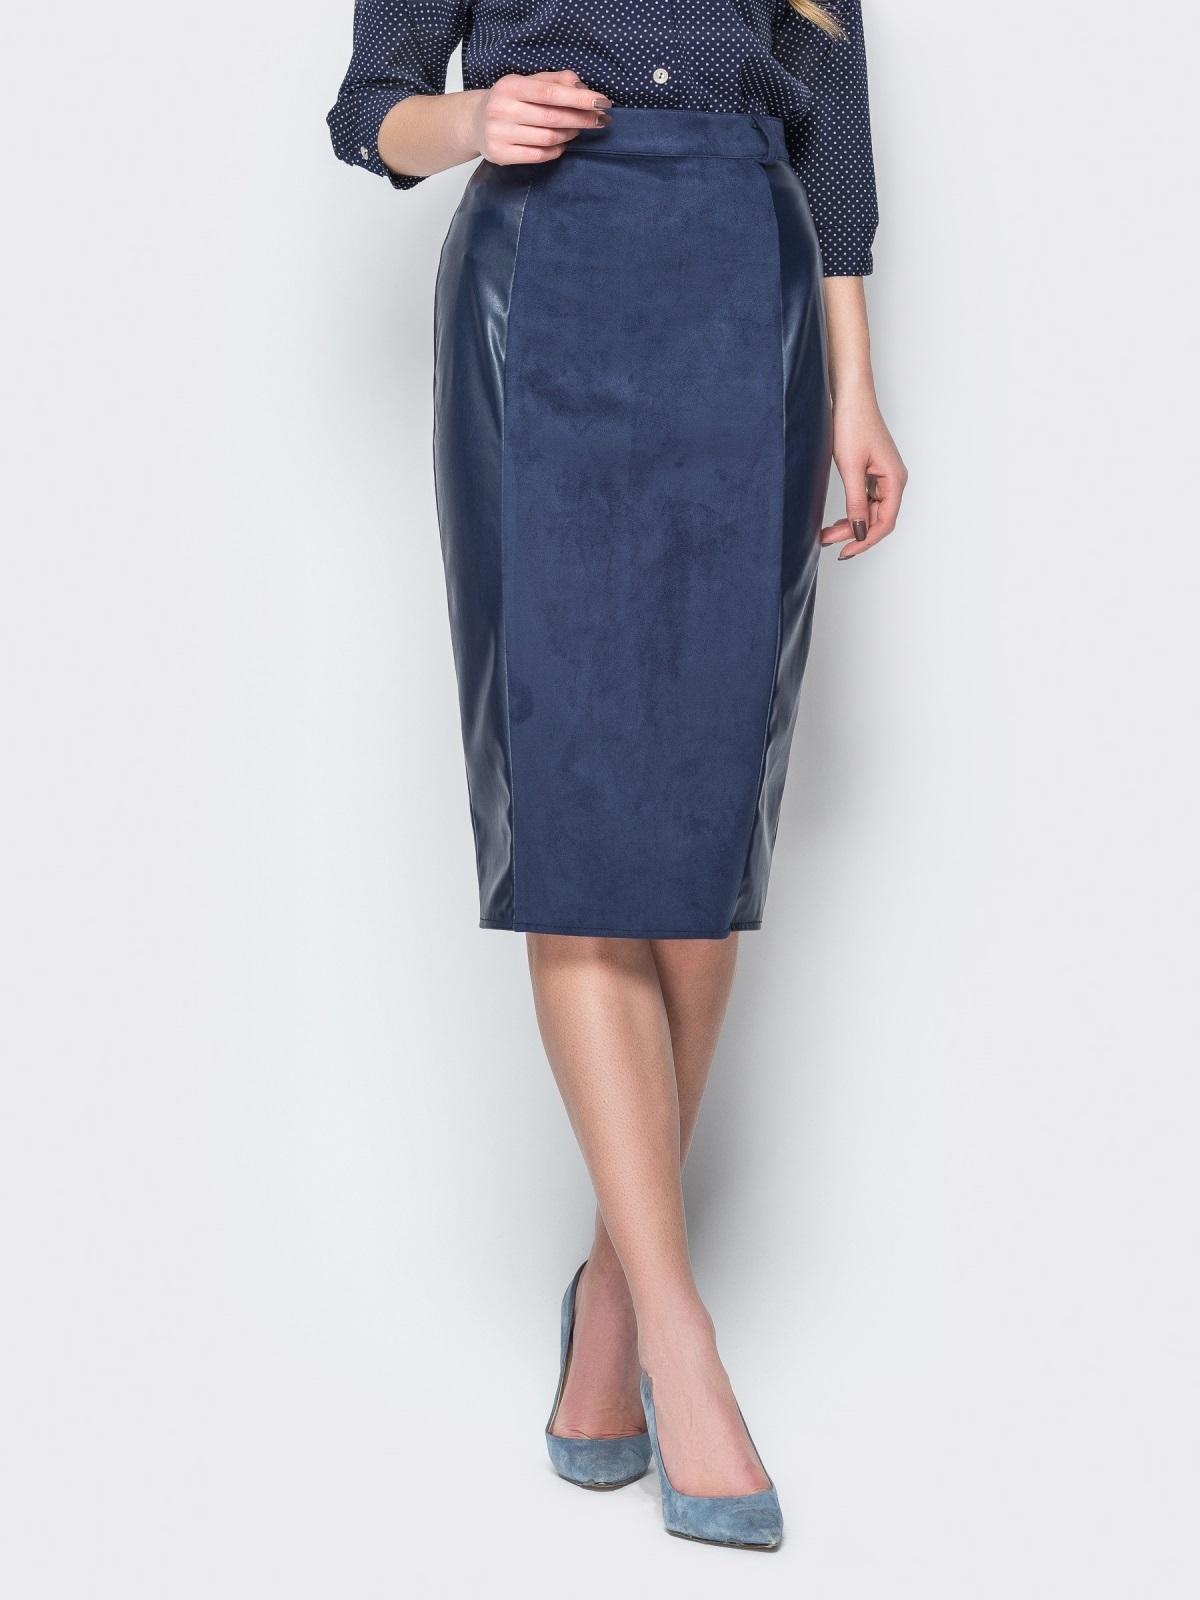 Синяя юбка-карандаш из замши и эко-кожи - 19427, фото 1 – интернет-магазин Dressa